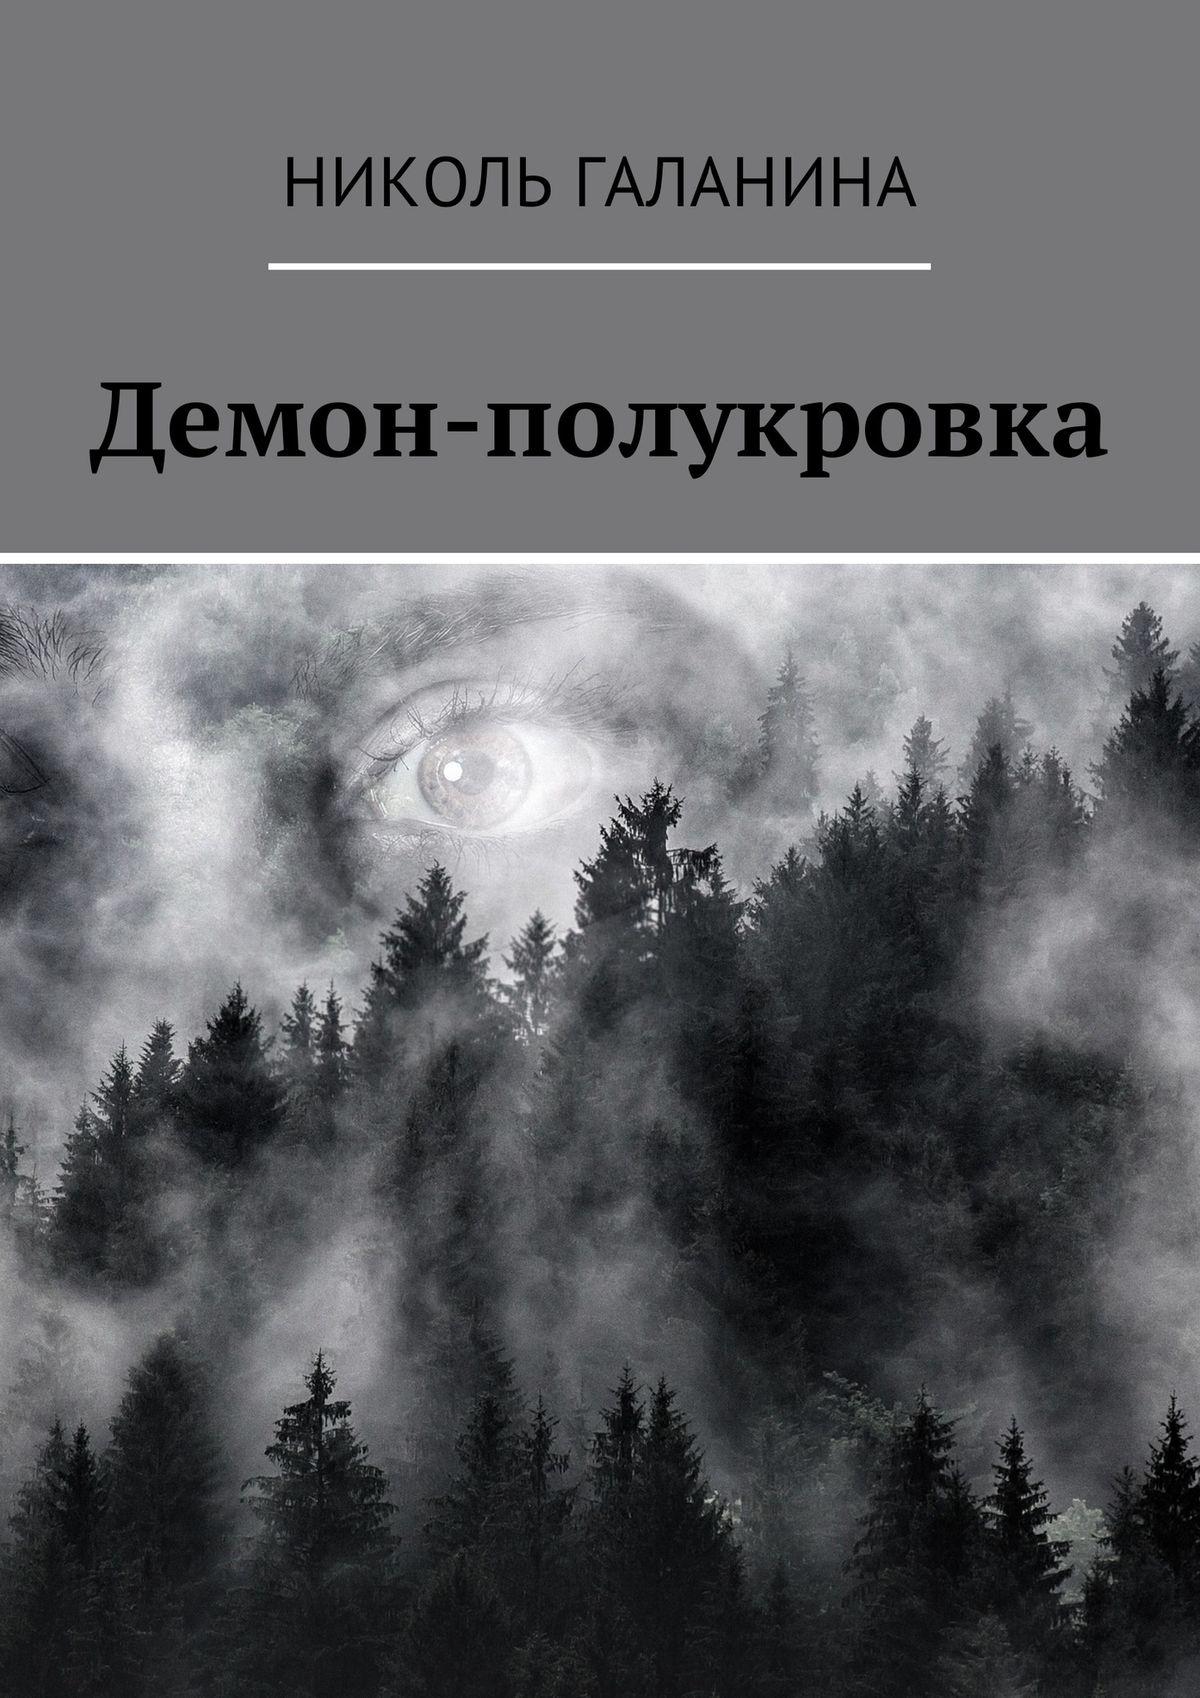 Демон-полукровка